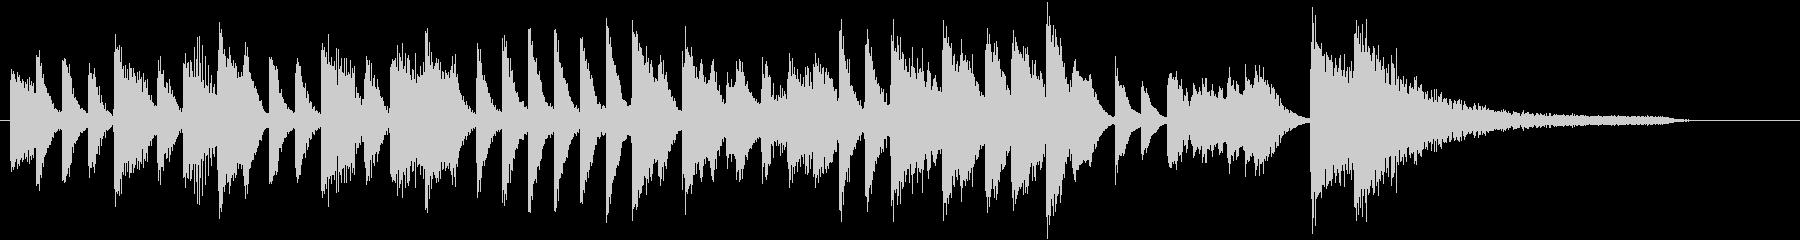 ジングルベルモチーフのピアノジングルEの未再生の波形